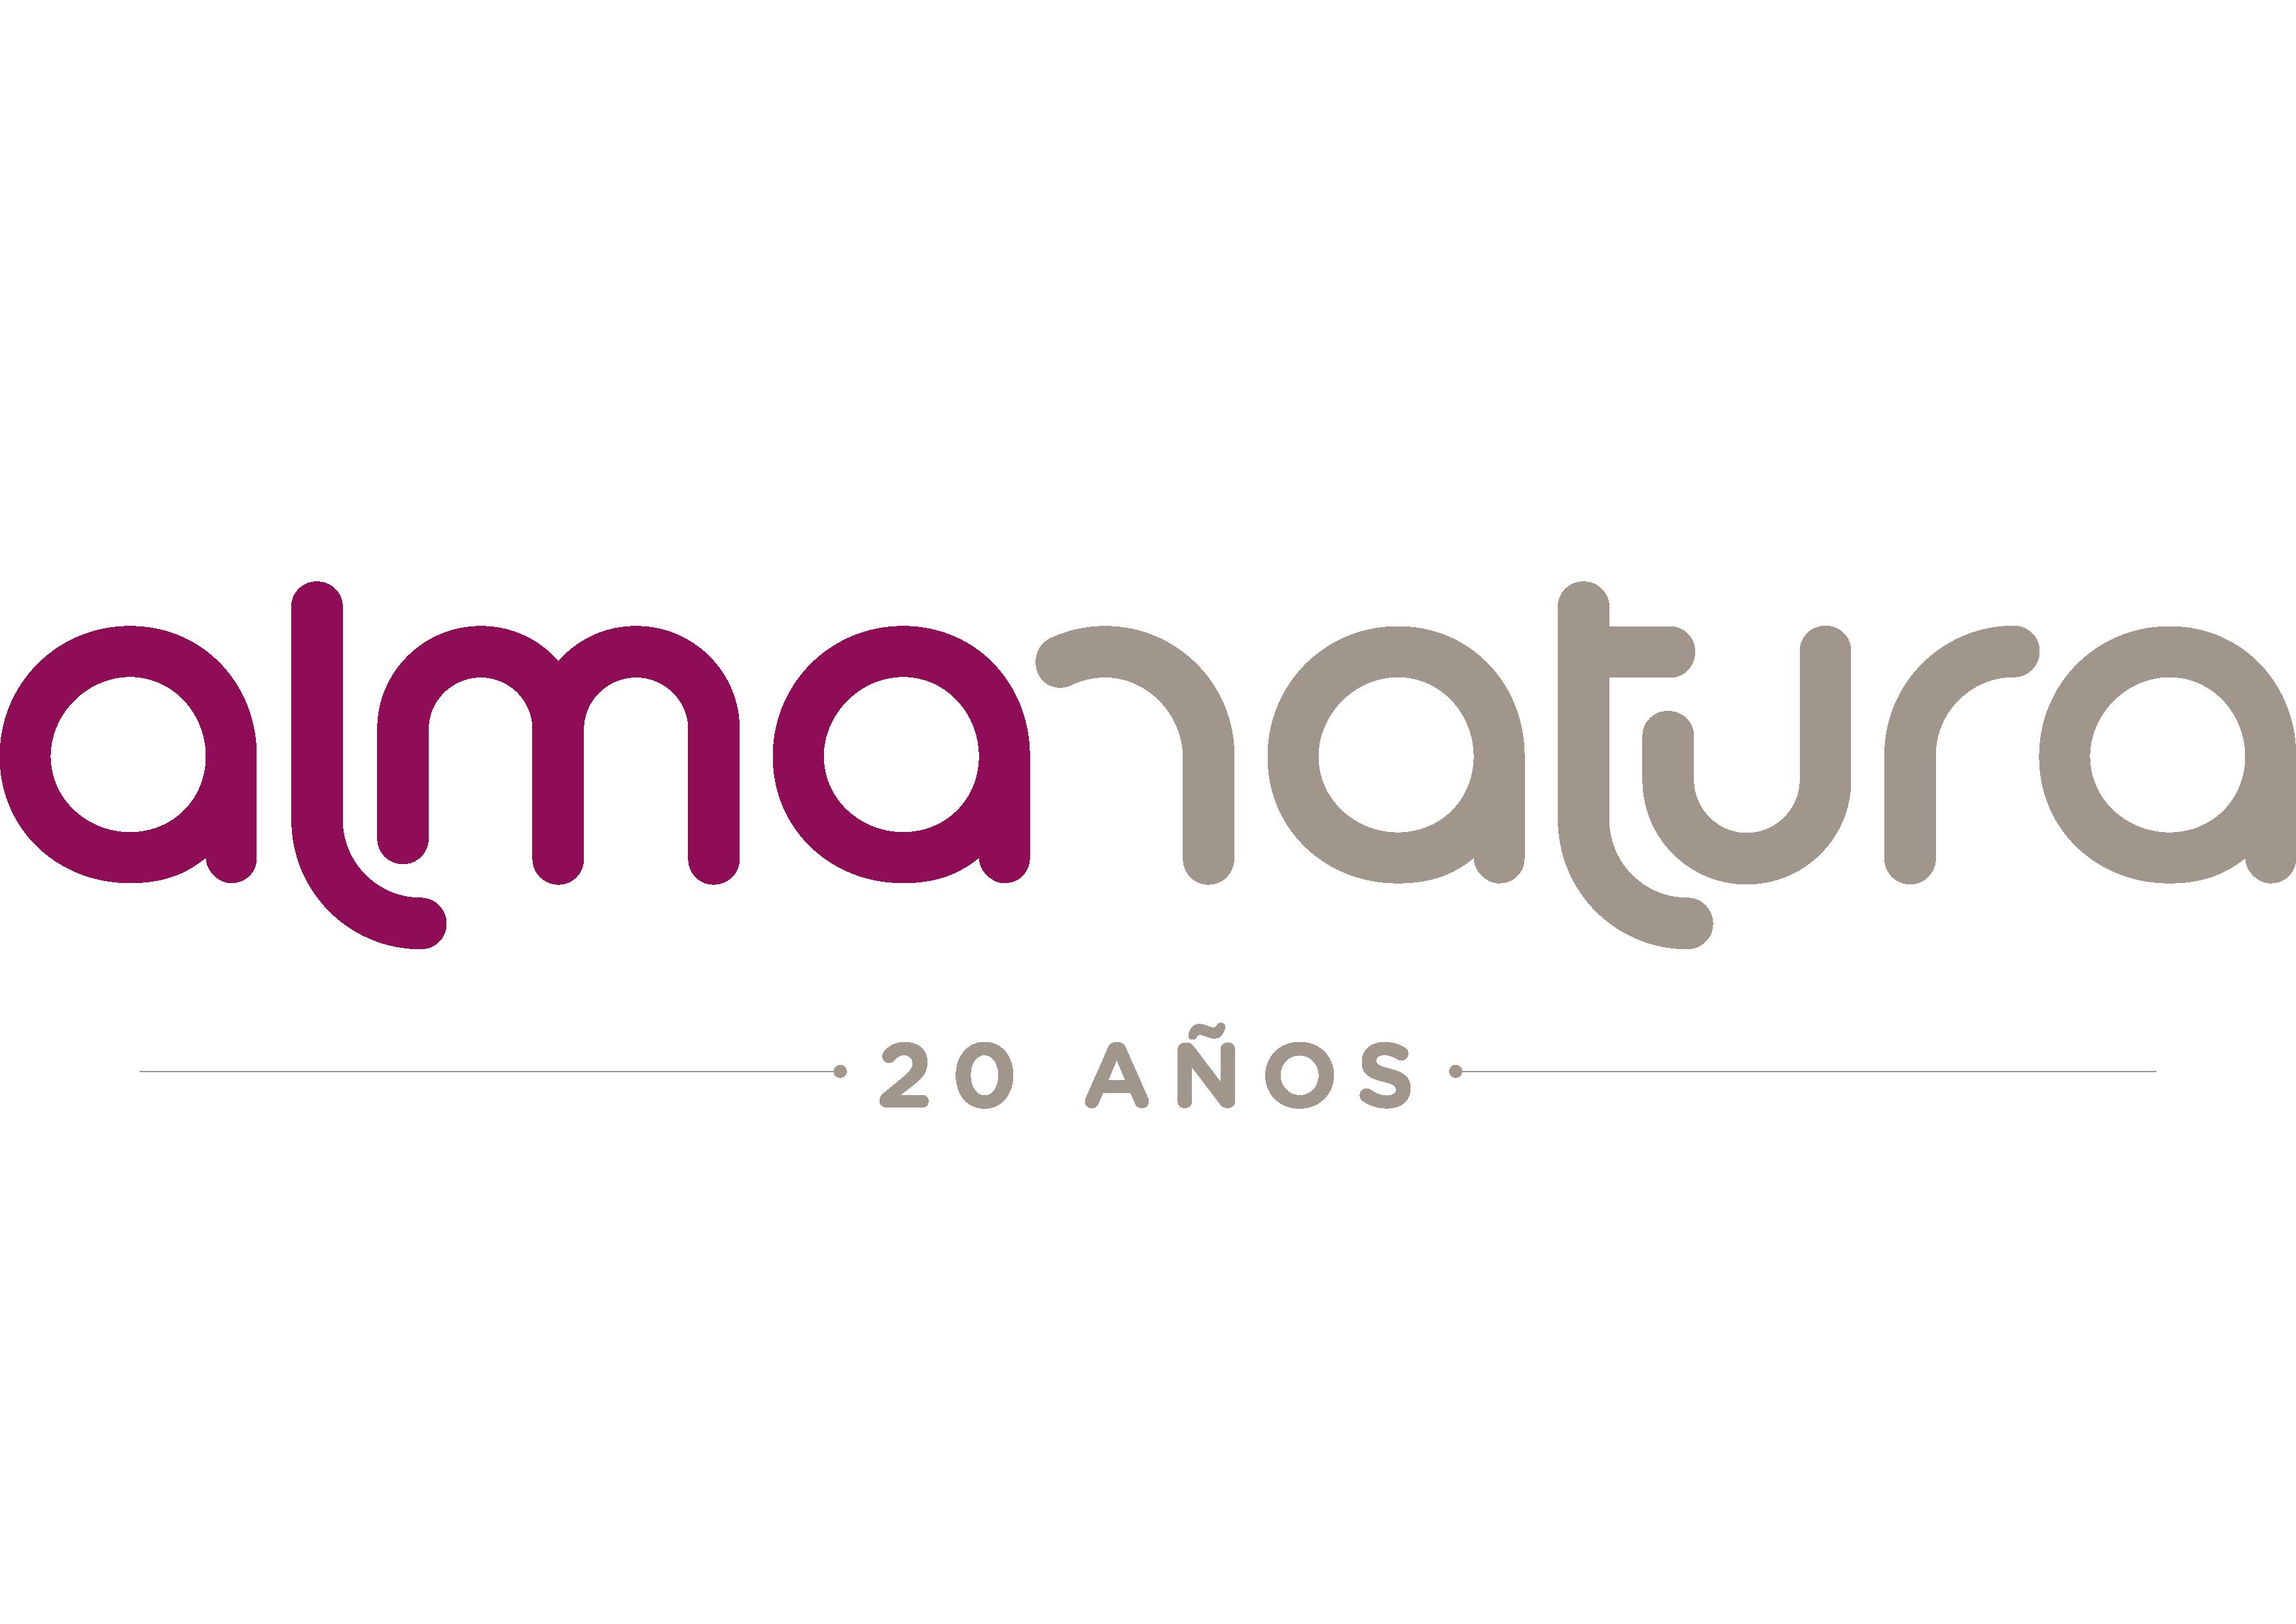 almanatura logo